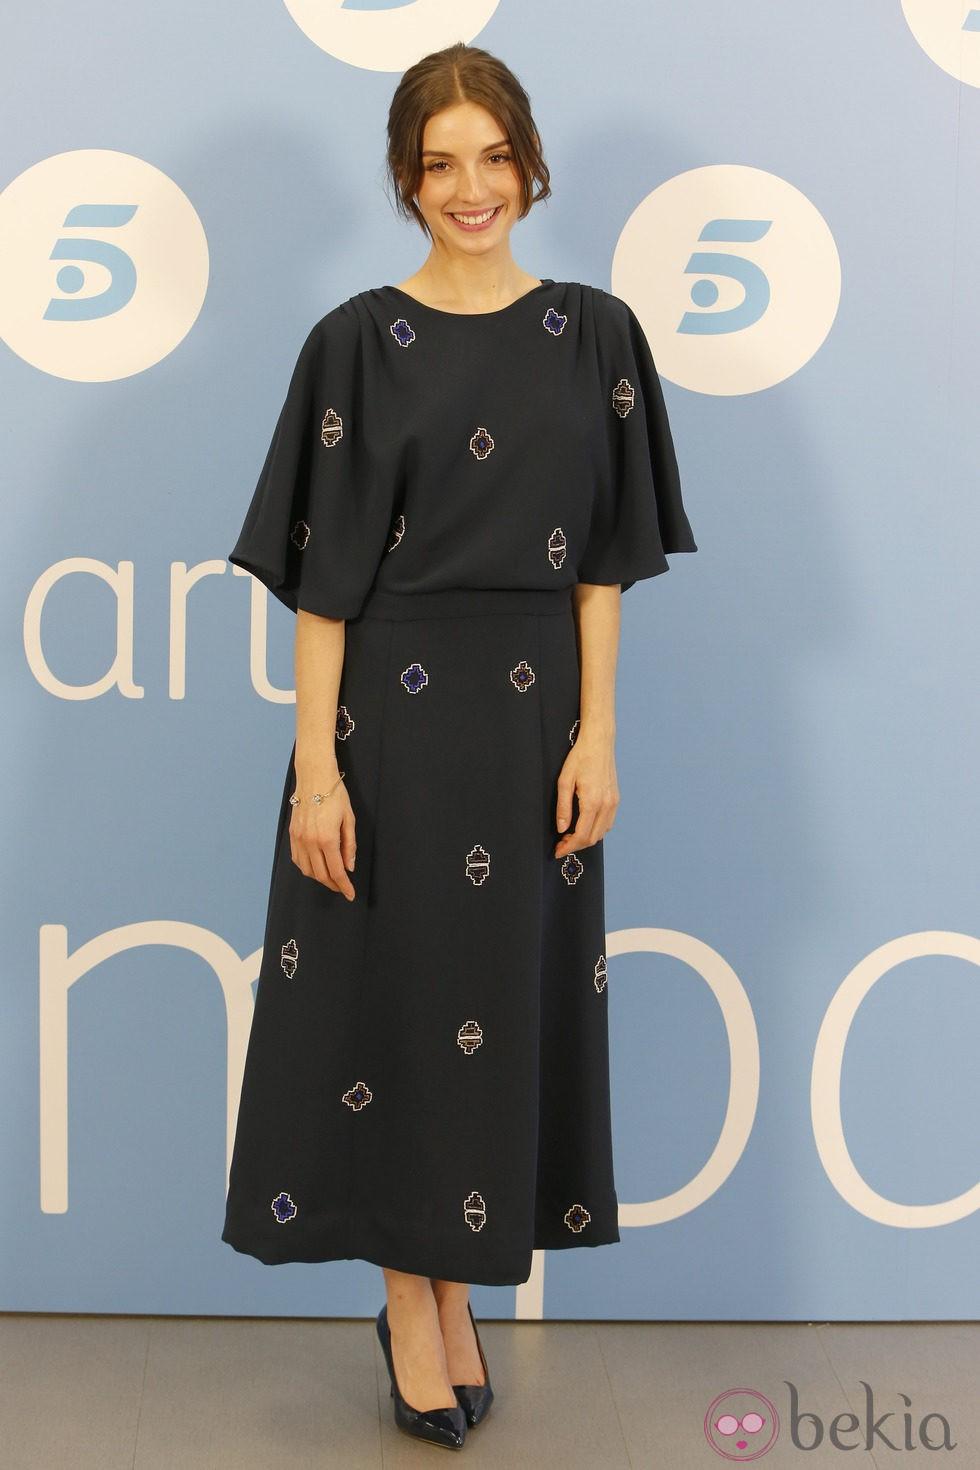 María Valverde en el estreno de 'Hermanos' con un vestido de &Other Stories